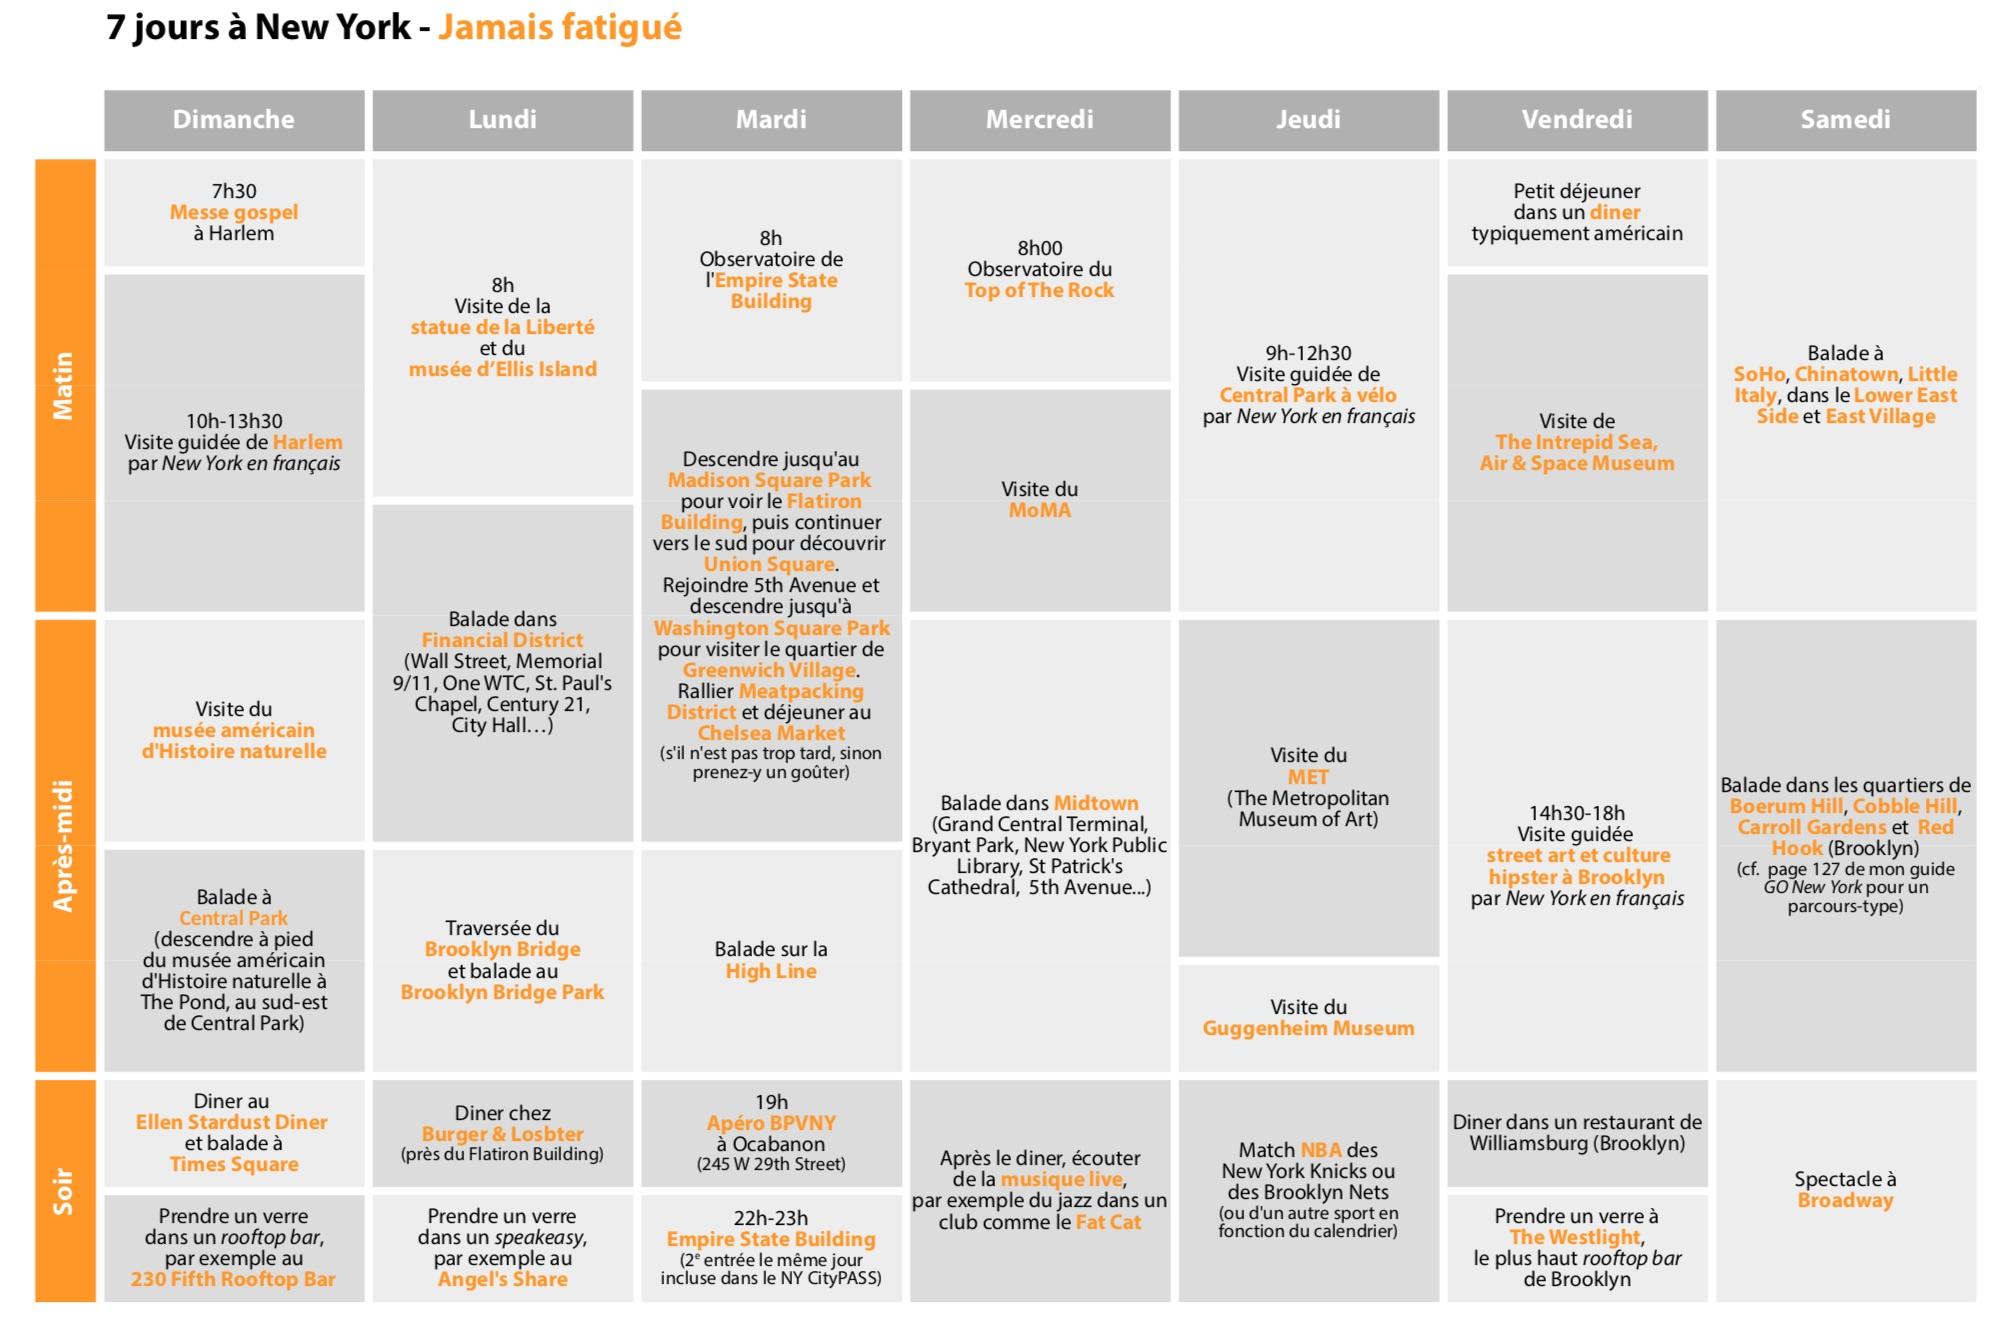 foto de Planning pour une semaine à New York : 4 plannings types différents